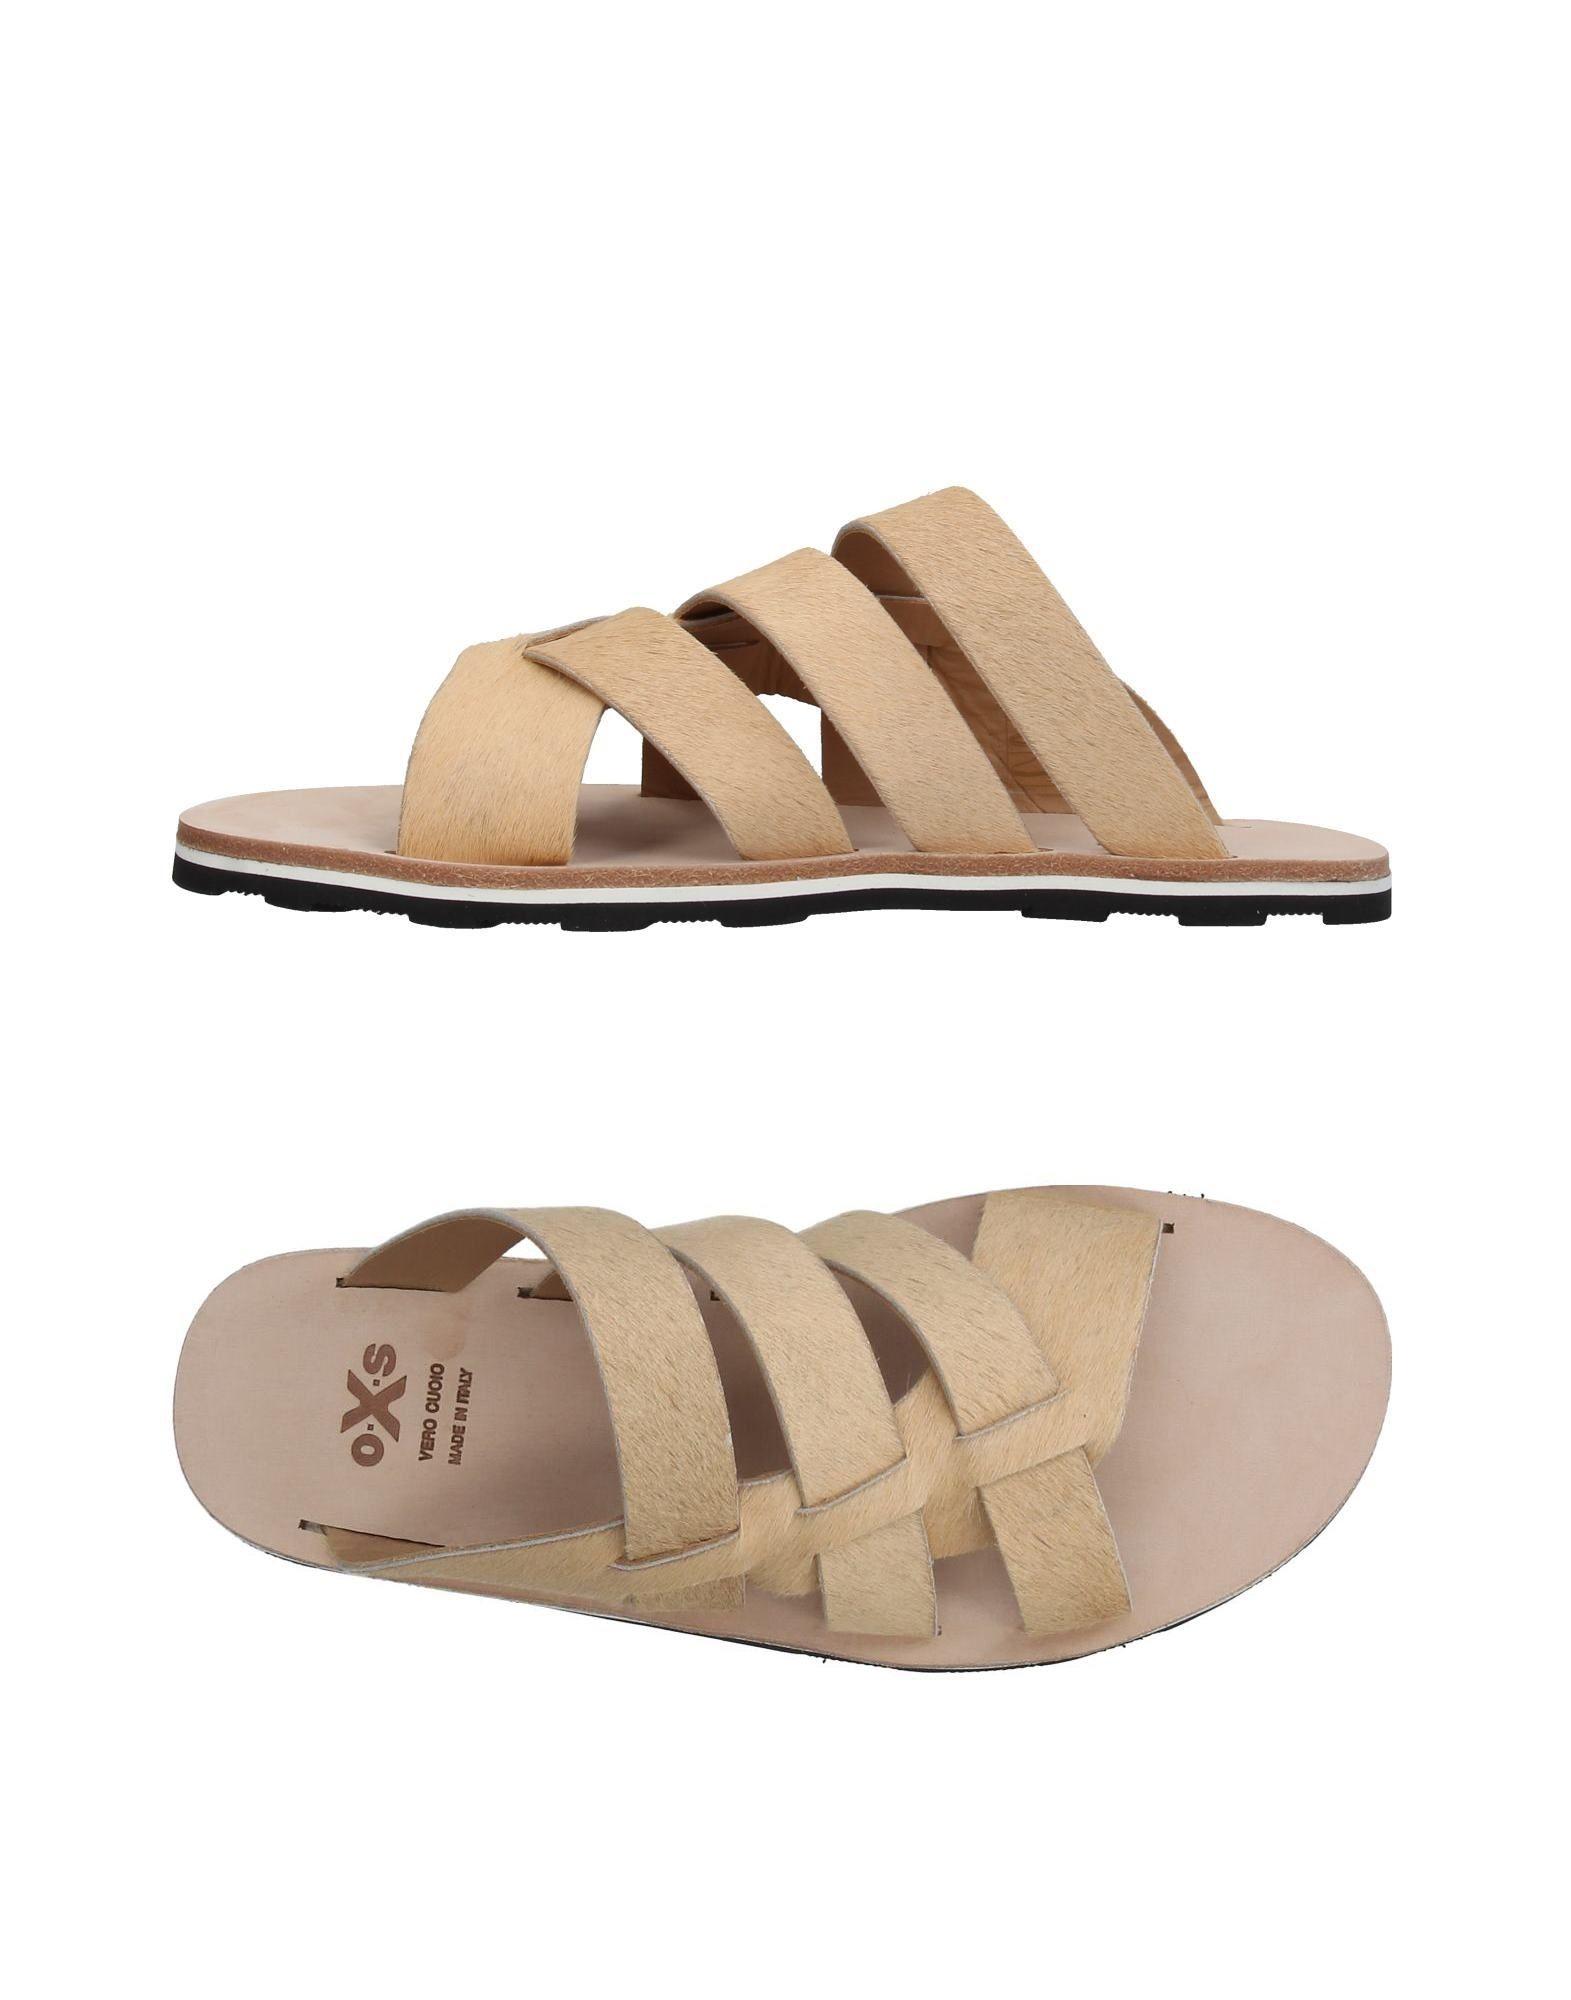 O.X.S. Sandalen Damen  11355175QS Gute Qualität beliebte Schuhe